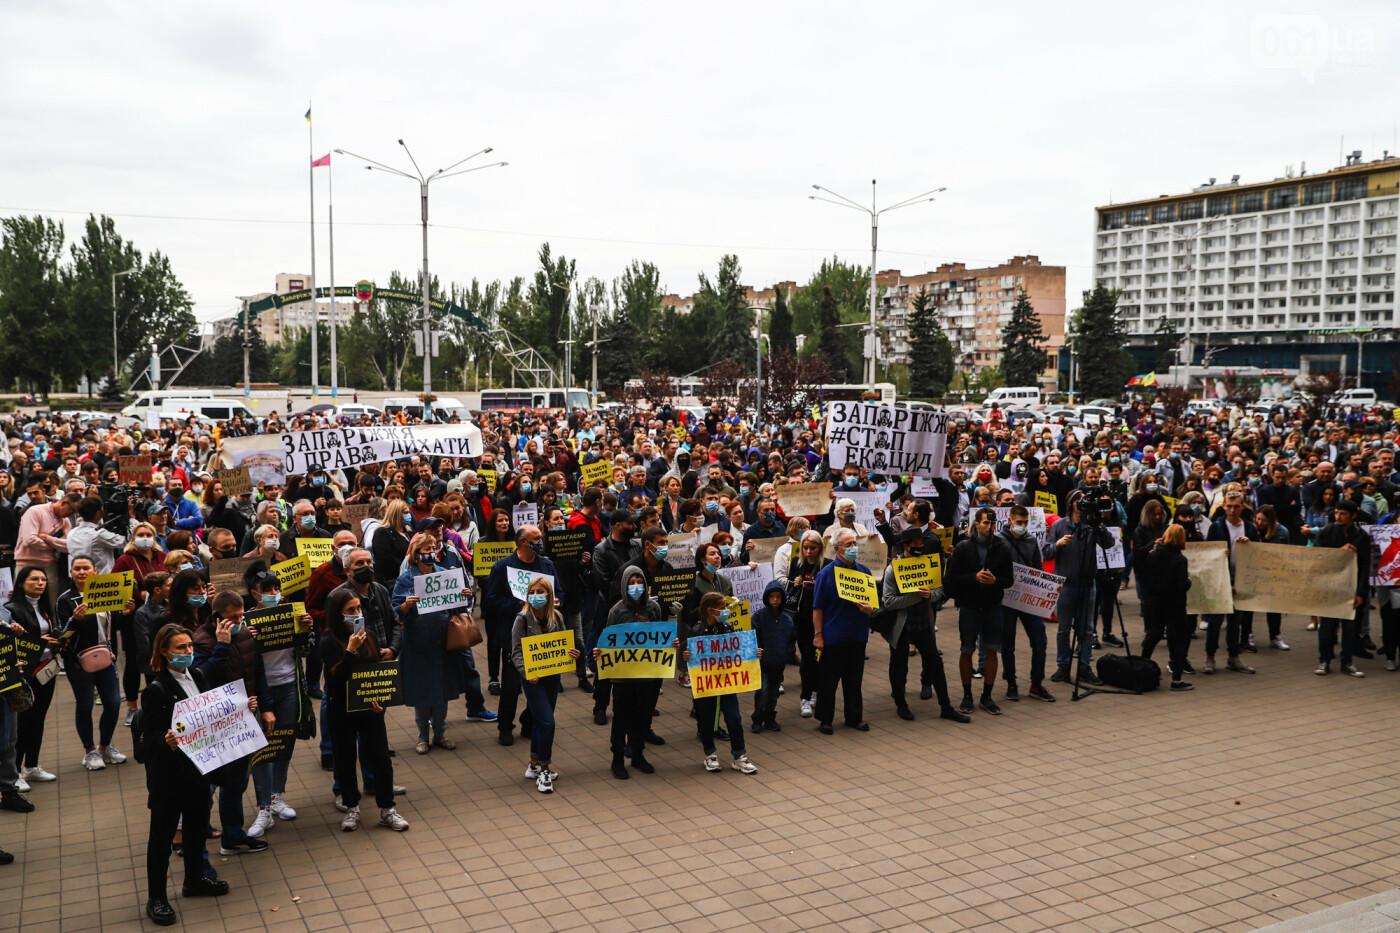 Маю право дихати: тысячи запорожцев вышли на экологический митинг, ФОТО, ВИДЕО, фото-35